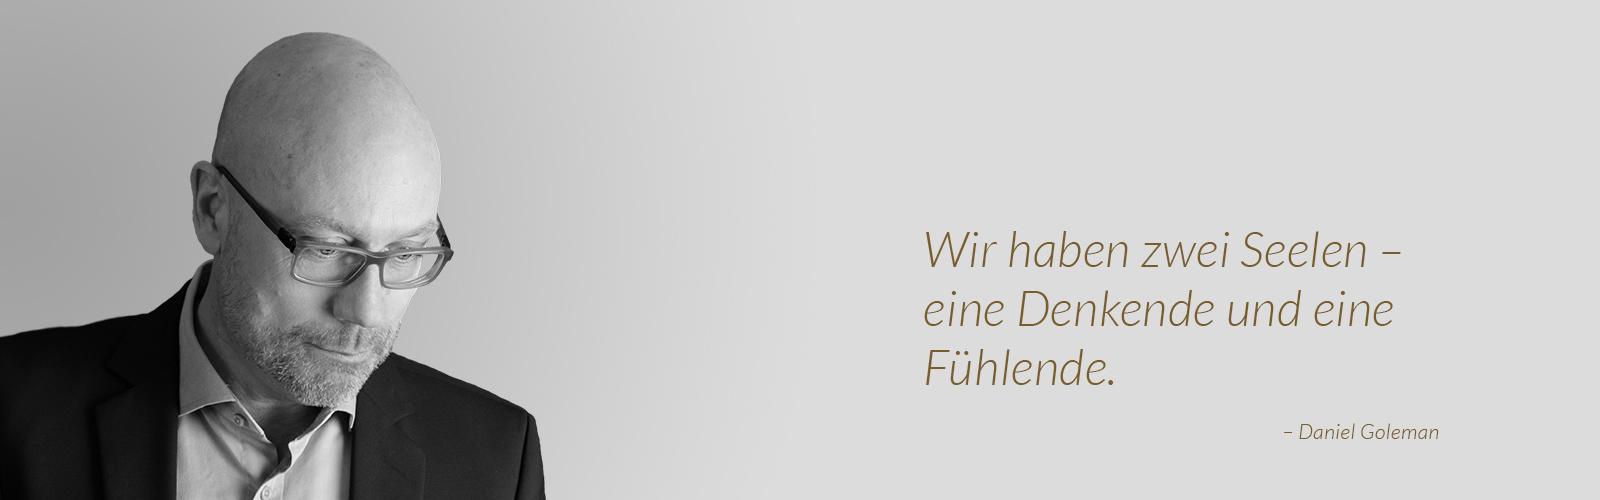 drsteffenelbert_2